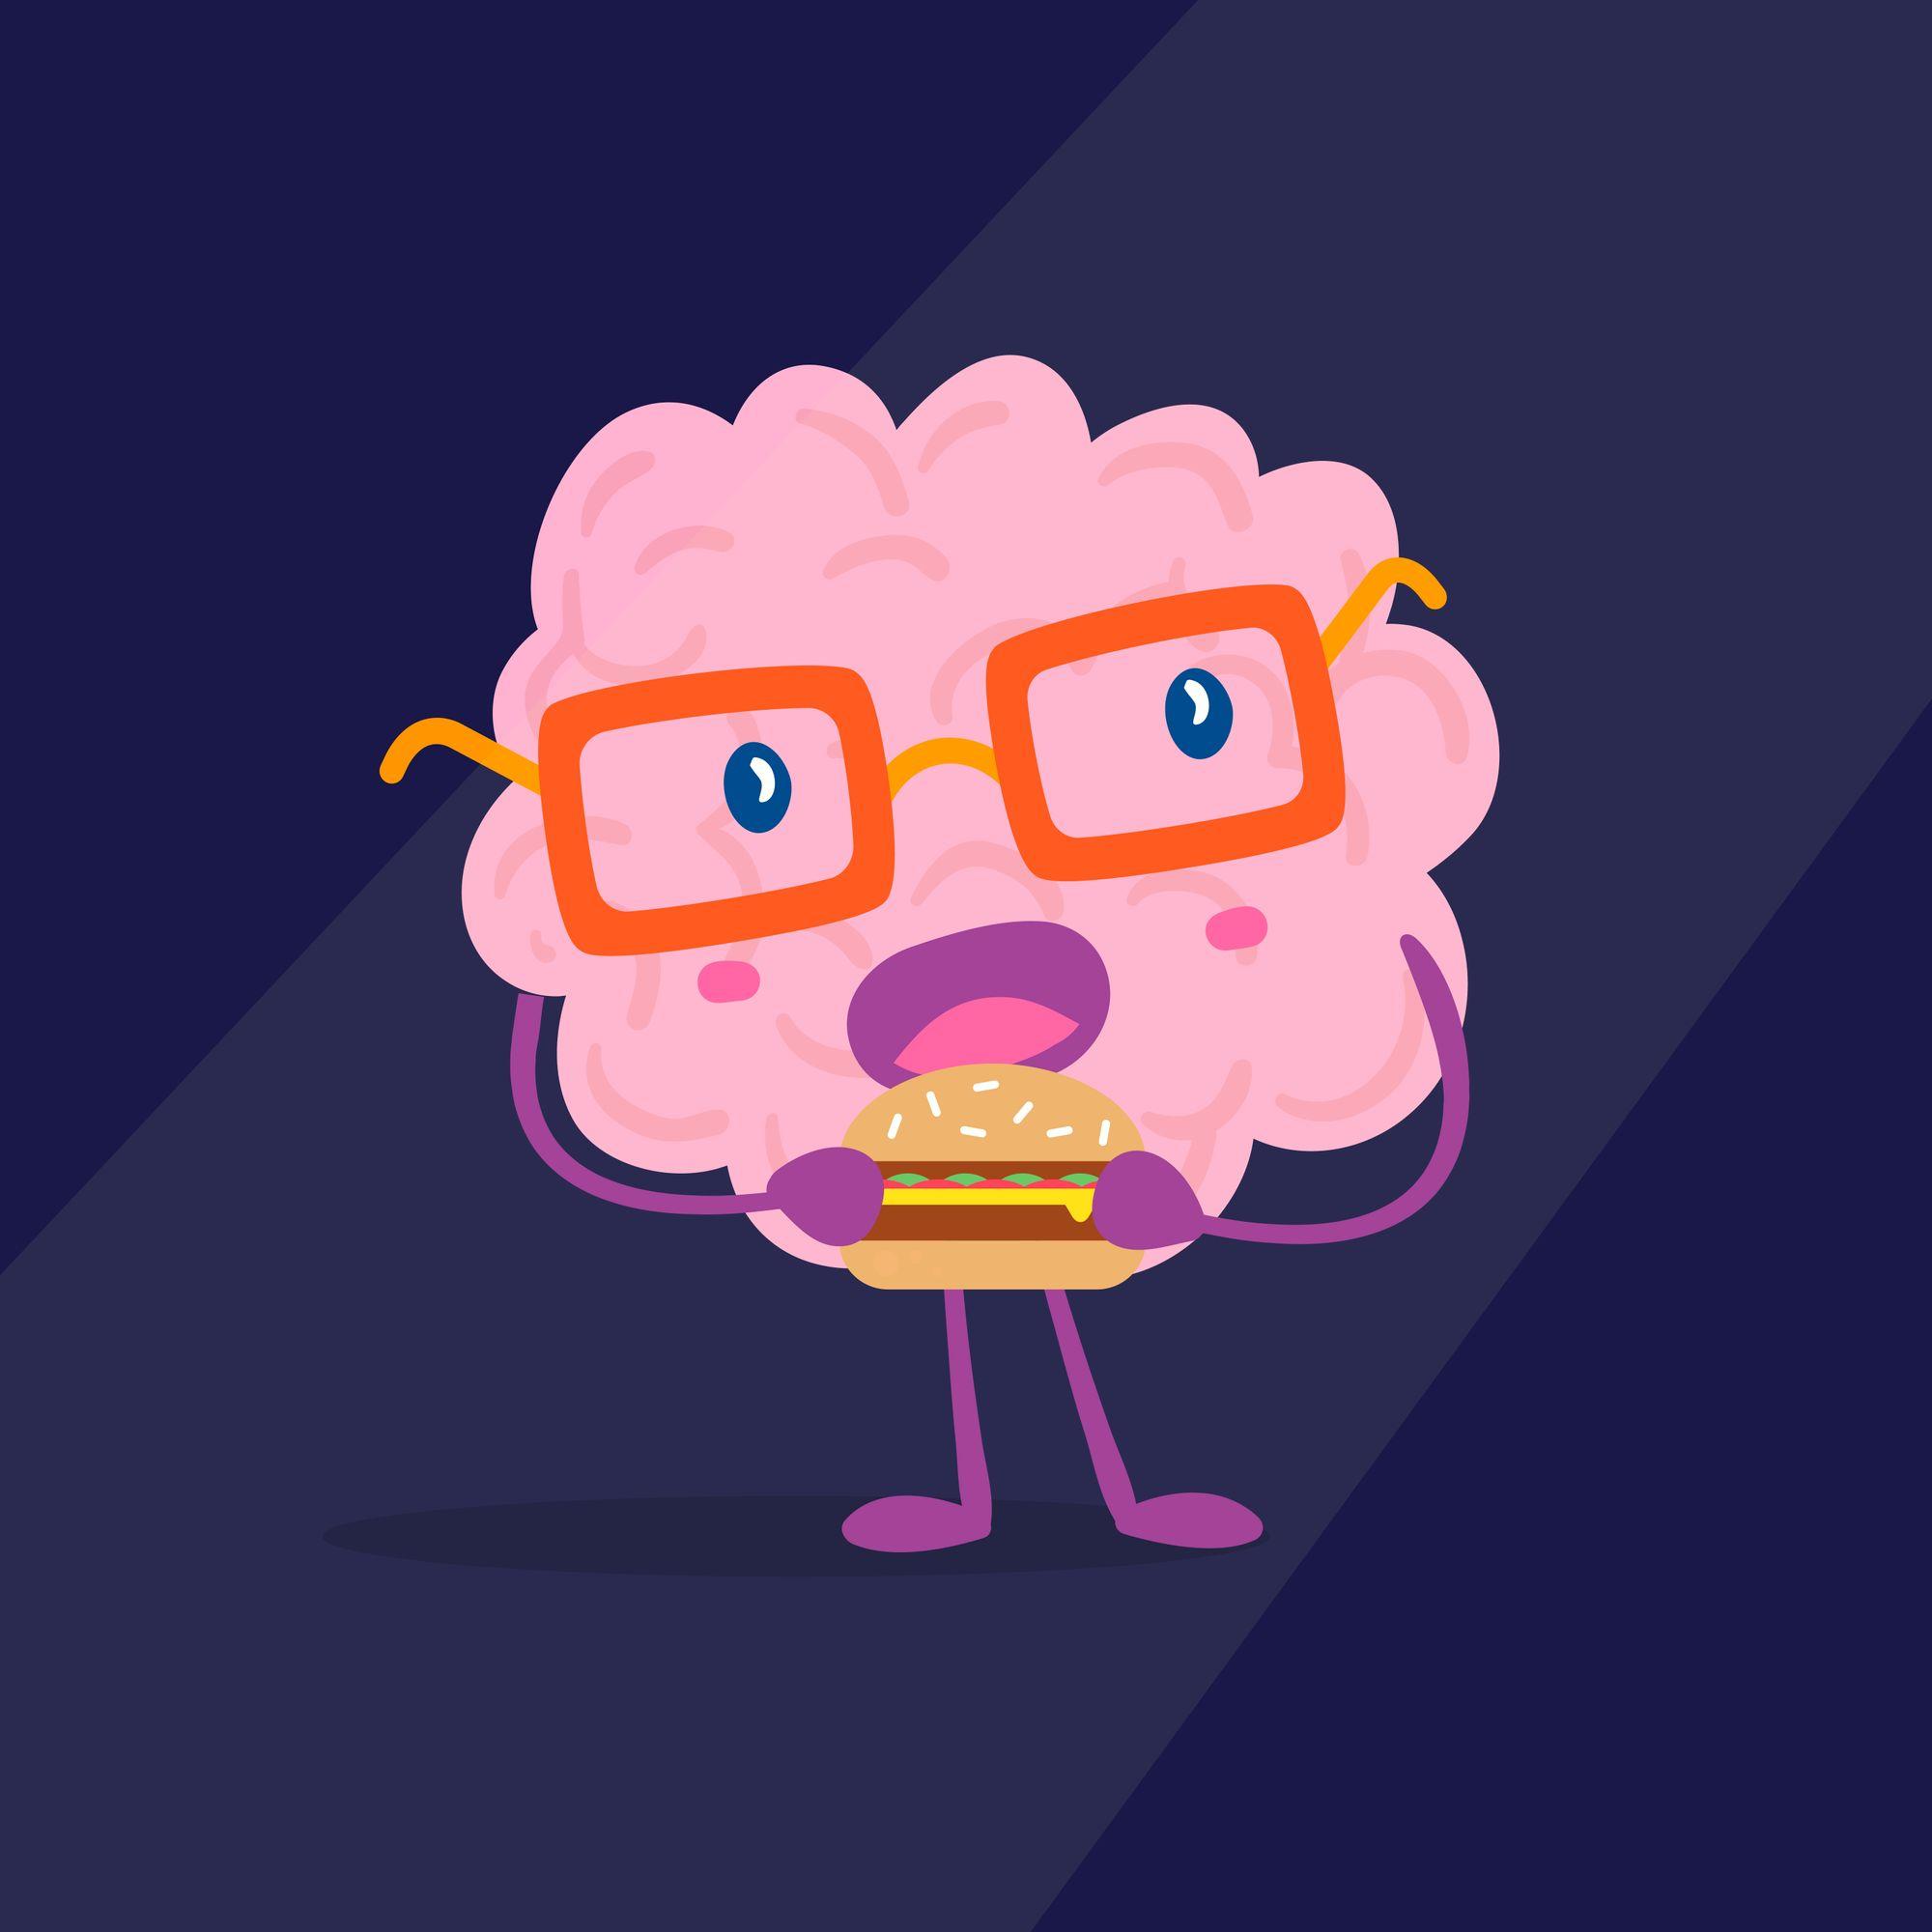 """Самоконтроль: примеры из жизни, методы развития и особенности. смотреть что такое """"самоконтроль"""" в других словарях"""